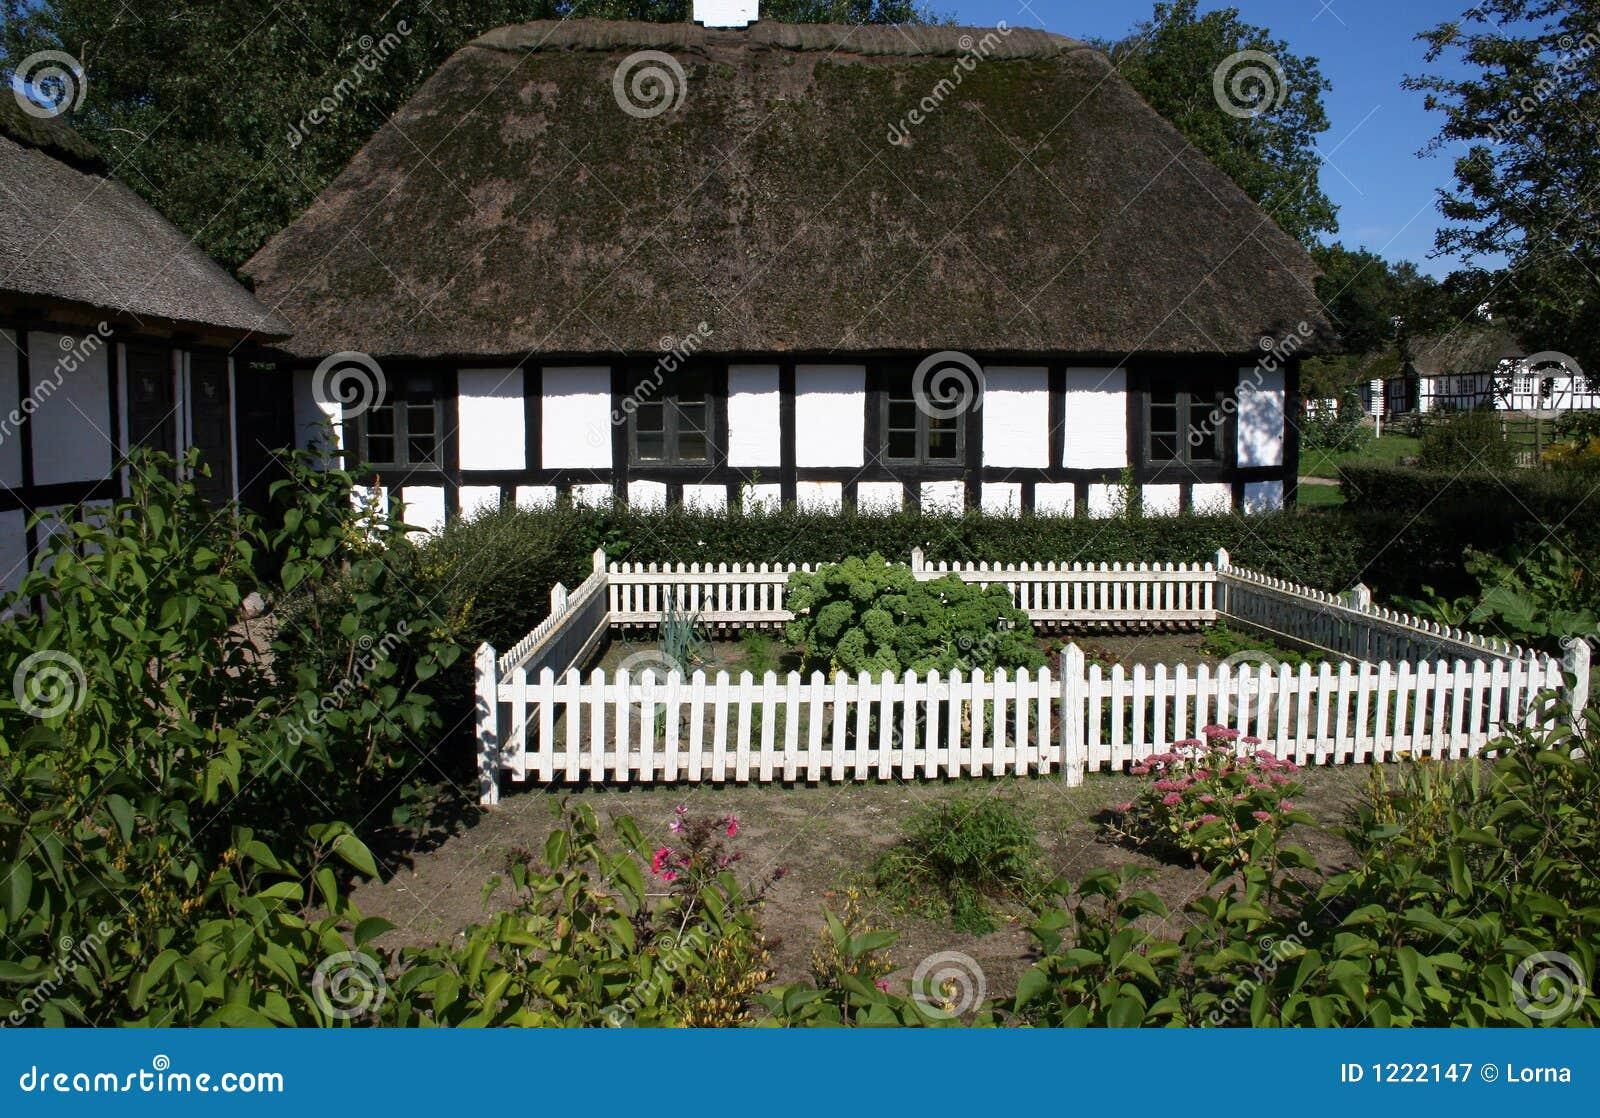 Thatched tudor style cottage stock image image 1222147 Tudor style fence